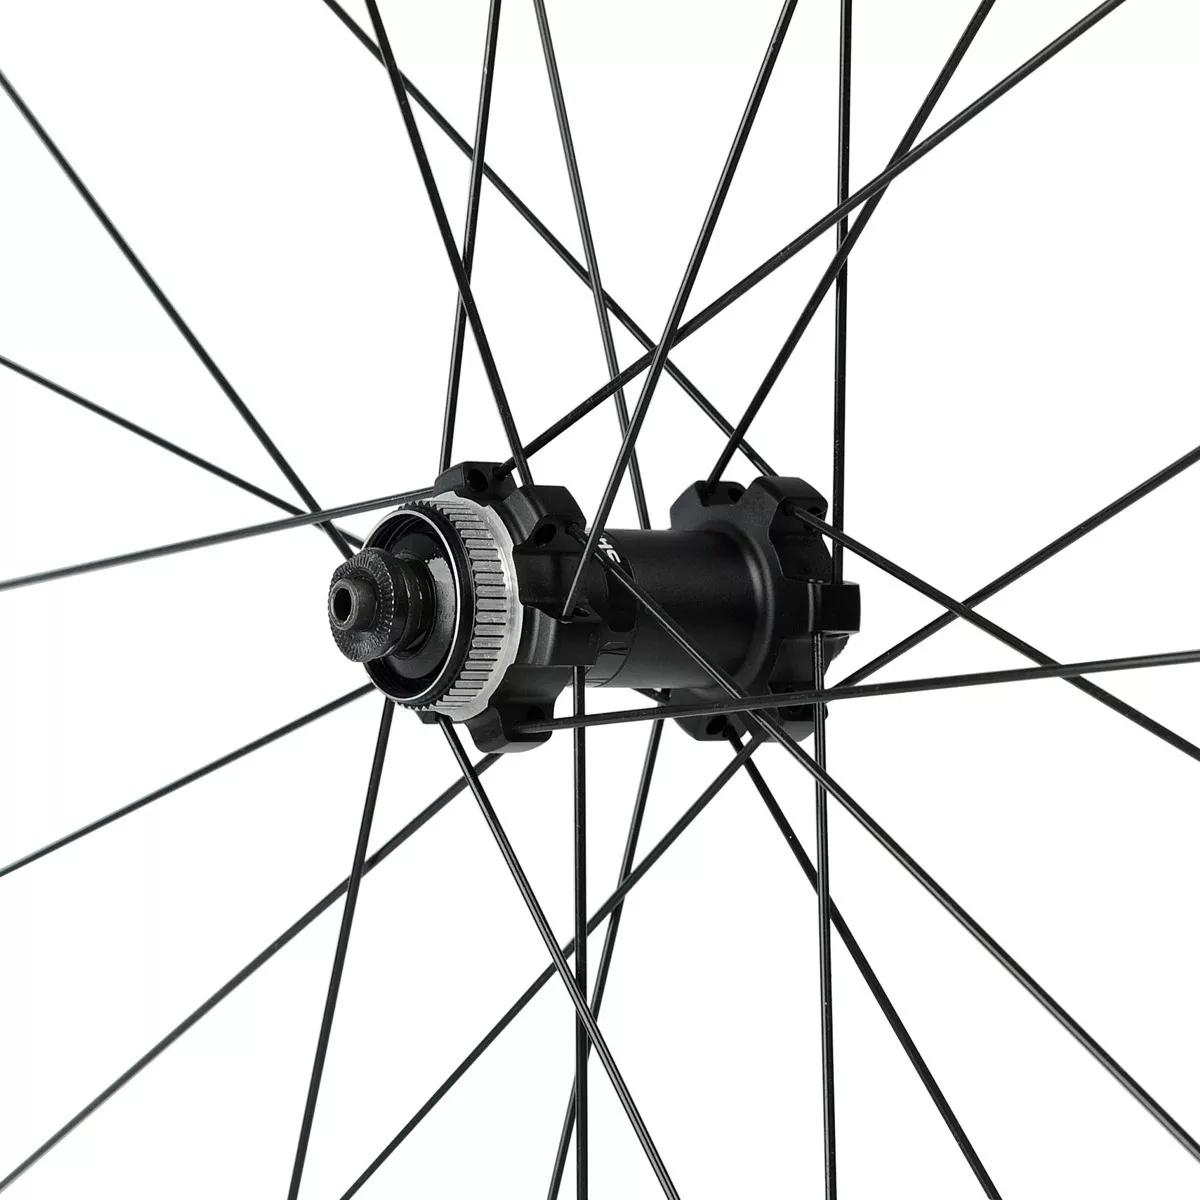 Raio para Roda Shimano Mt55 29 Dianteiro 301mm - BIKE ALLA CARTE